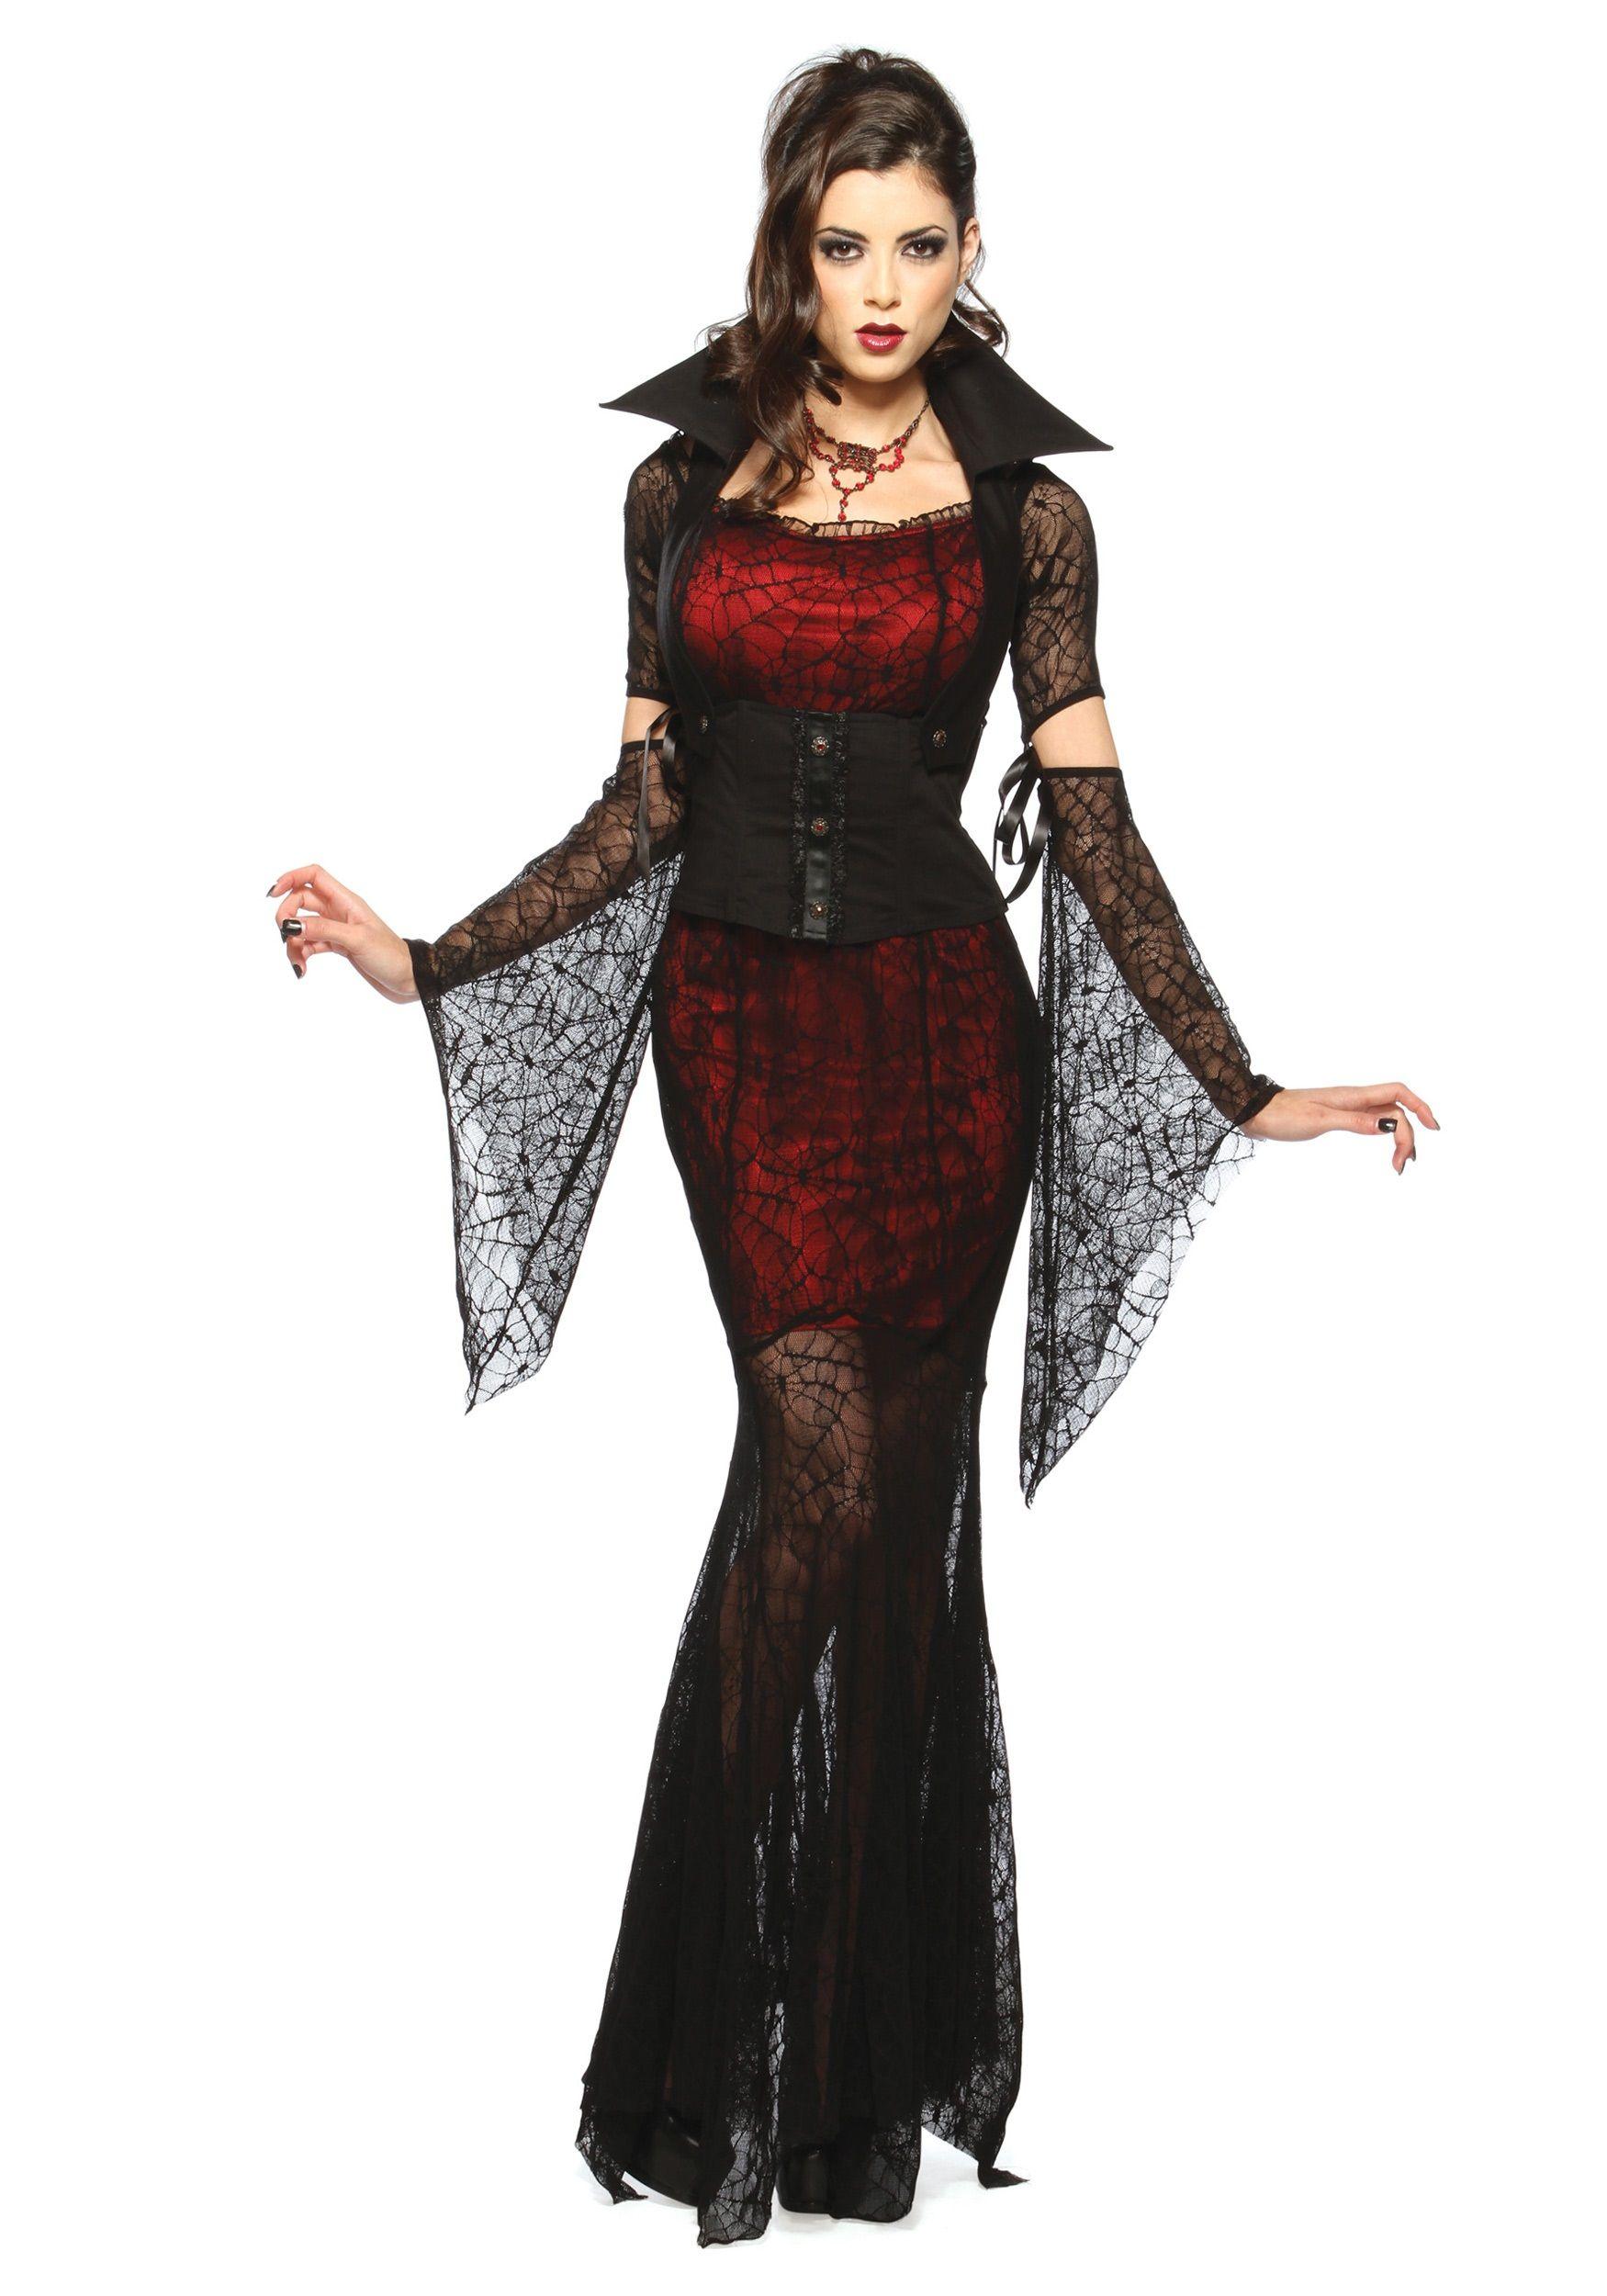 Midnight Vamp Costume | Vampire costumes, Costumes and Halloween ...